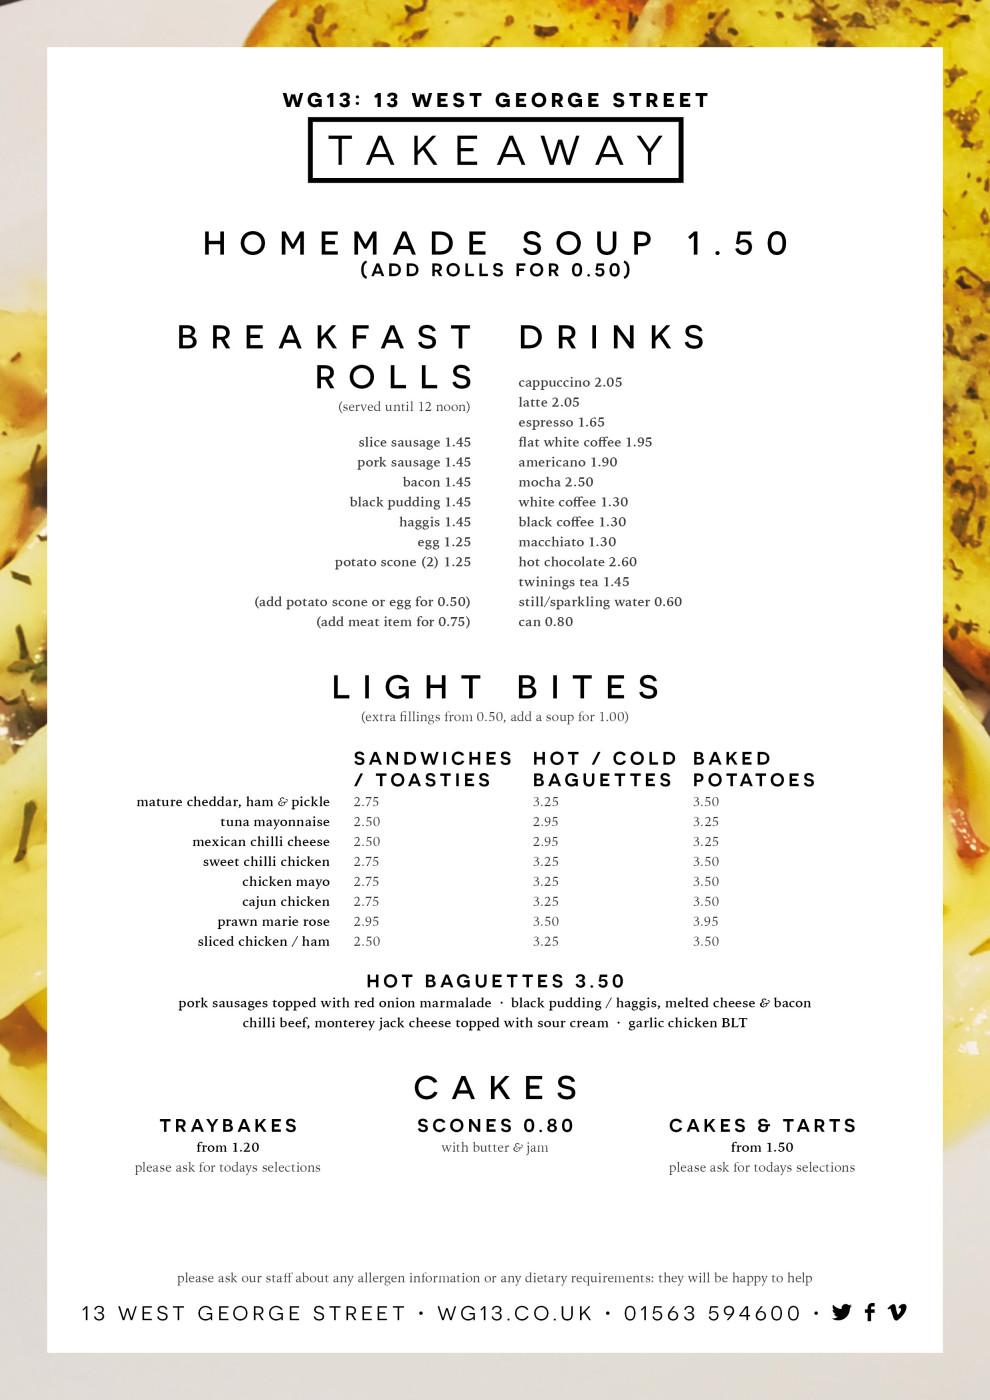 WG13 Takeaway menu